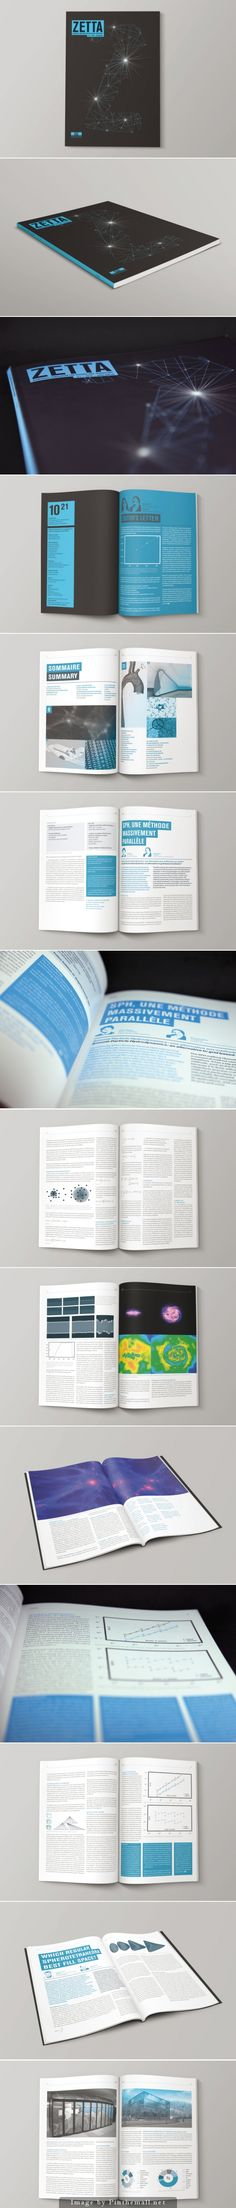 Création et mise en page d'une revue scientifique de l'EPFL intitulée Zetta.